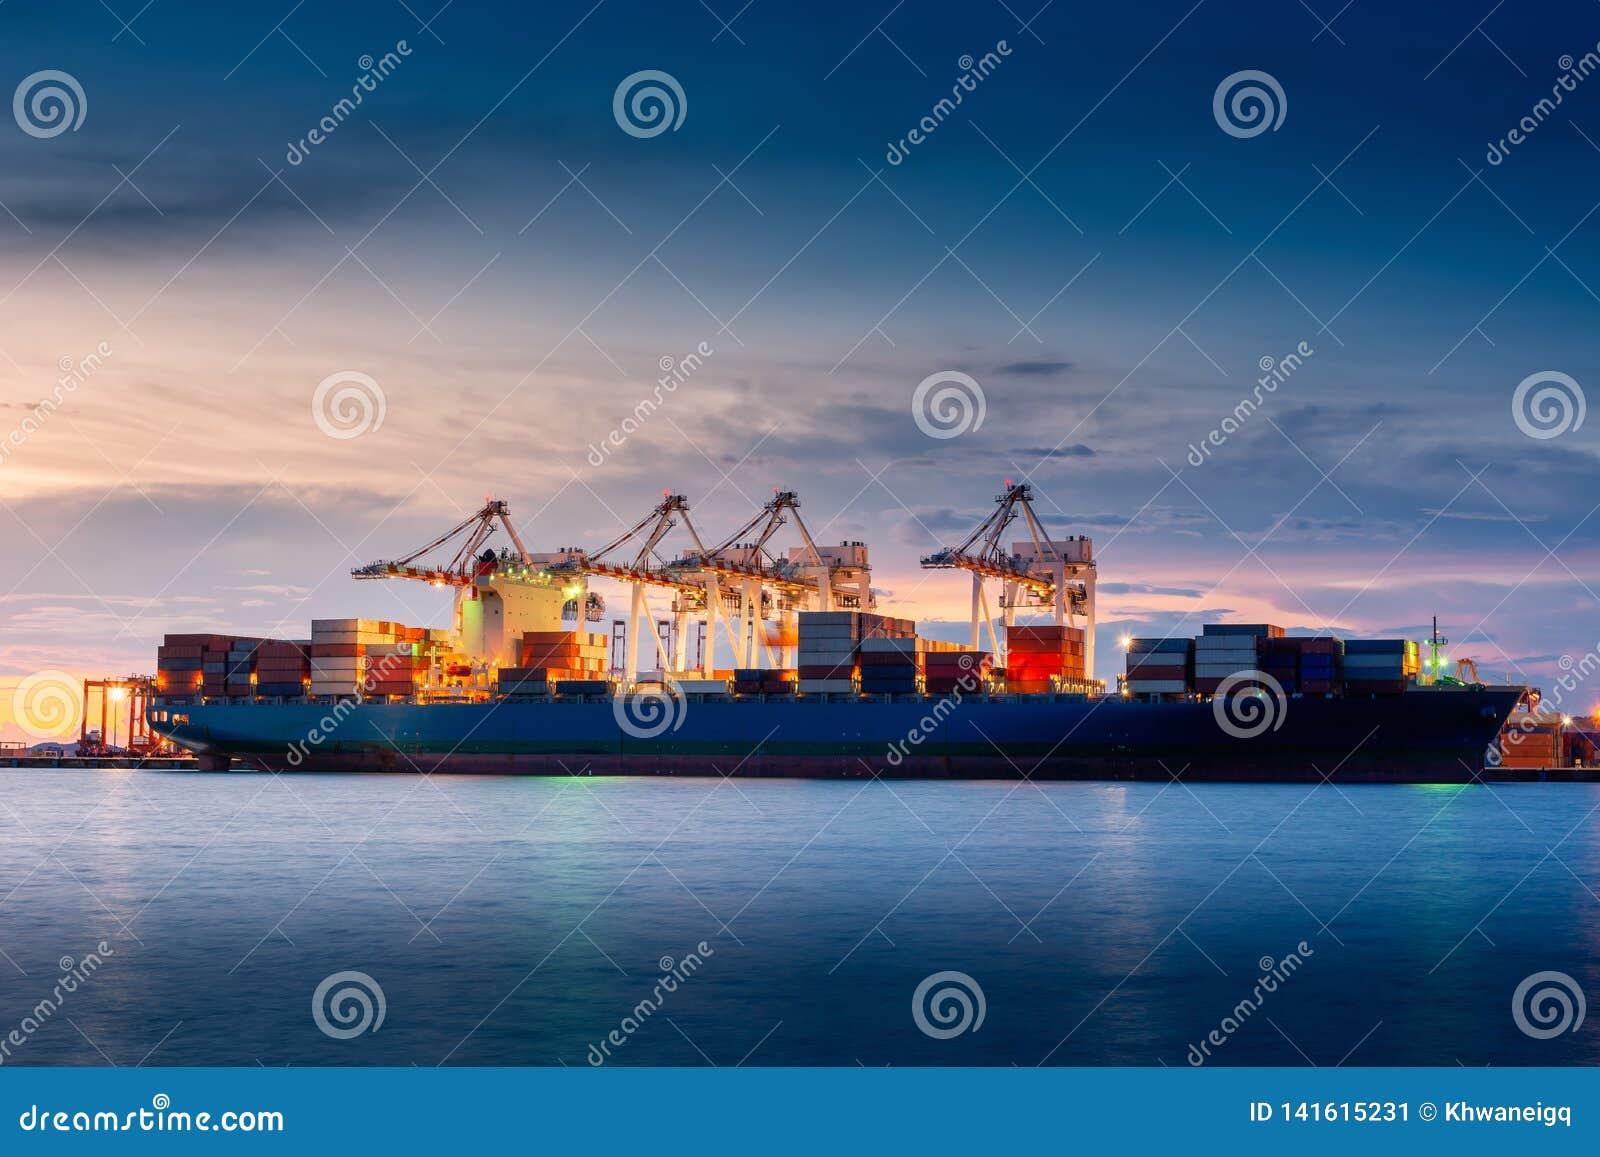 Transportu i wysyłki logistyki ładowniczy dok śmiertelnie , zbiornika import i eksport denny frachtowy transport przemysłowy ,